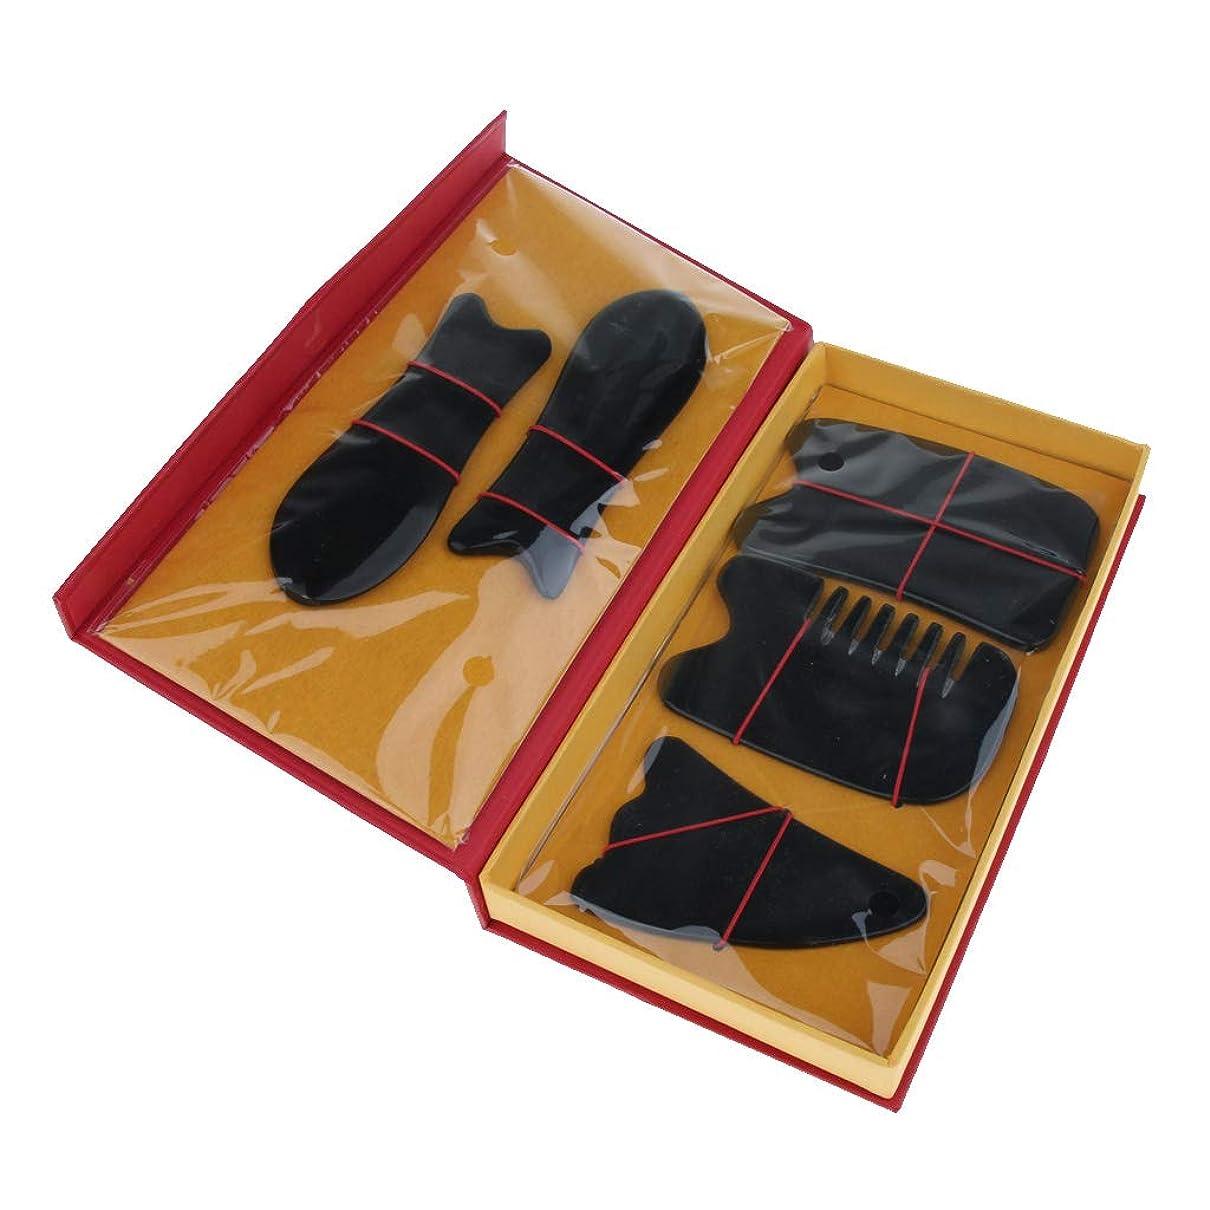 決して遊び場買うPerfeclan 5本セット マッサージボード スクレイピングマッサージ スクレーパーツール 2色選べ - ブラック